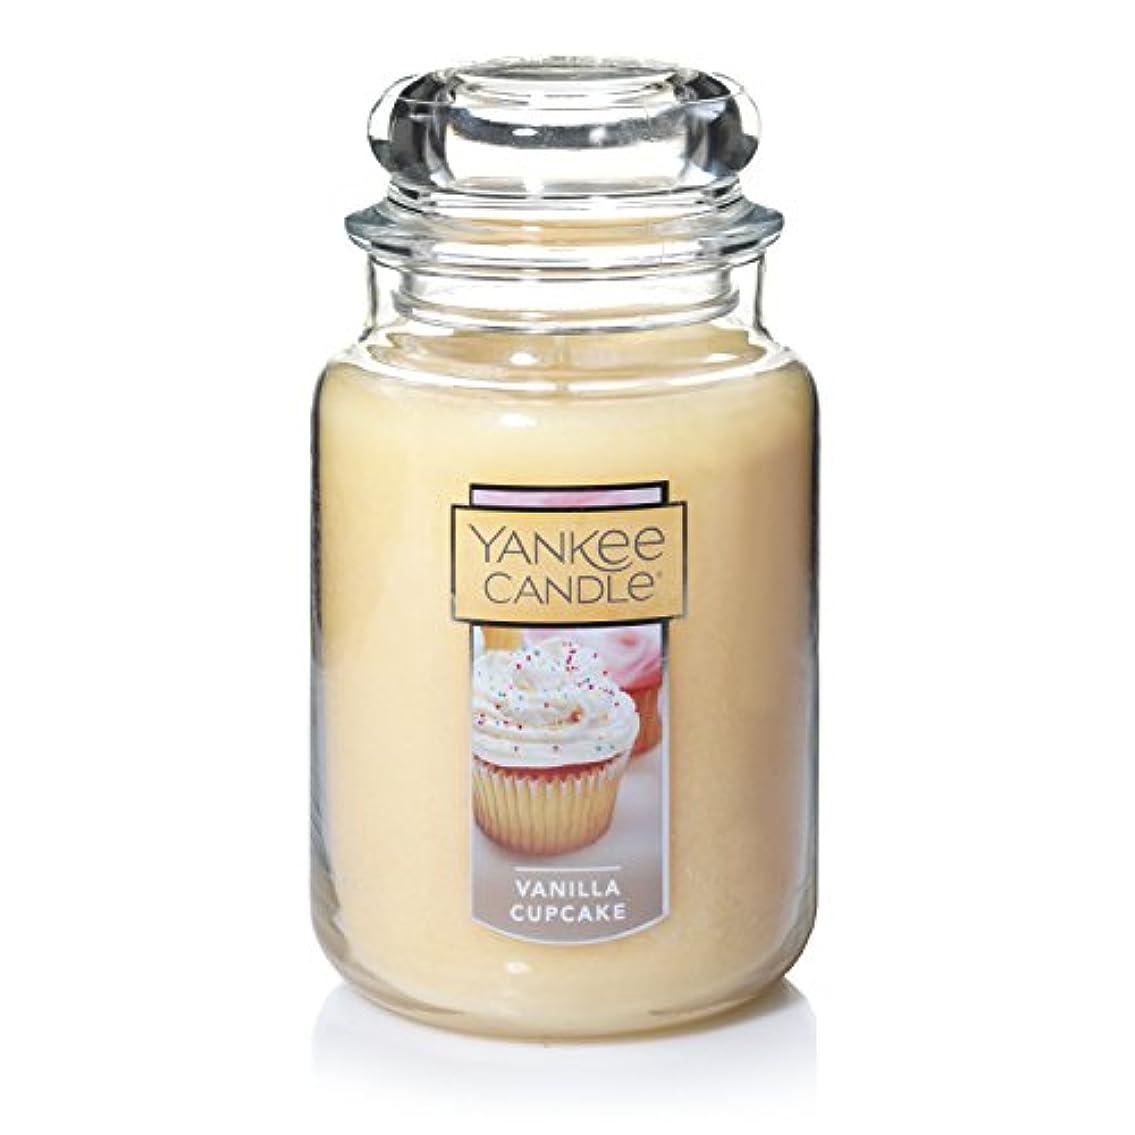 国旗平らなクマノミYankee Candle Company Vanilla Cupcake Large Jar Candle by Yankee Candle